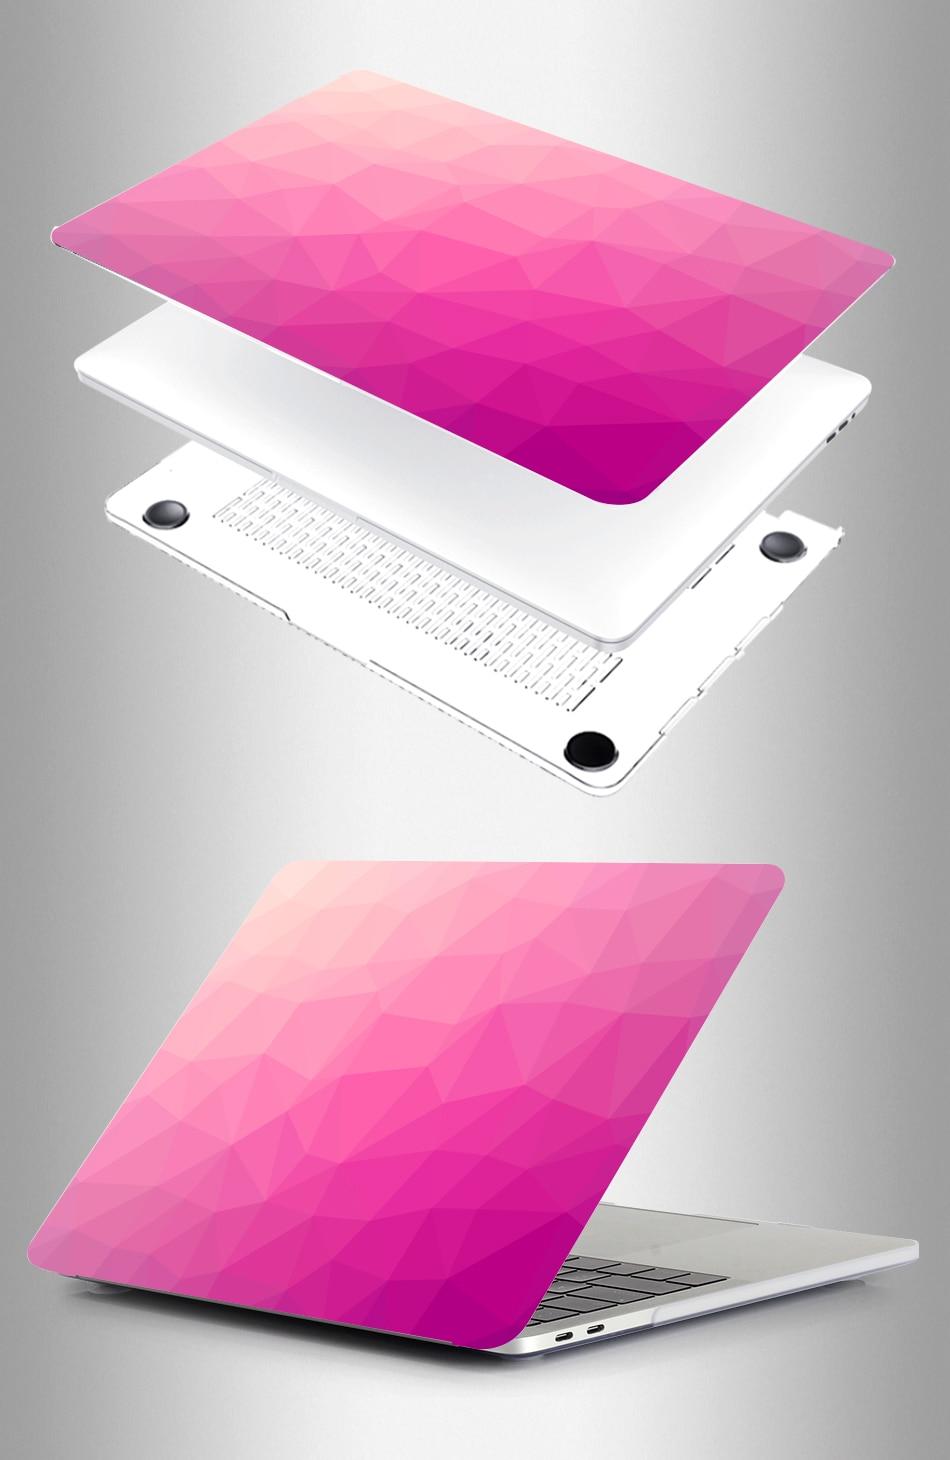 Macbook-_15